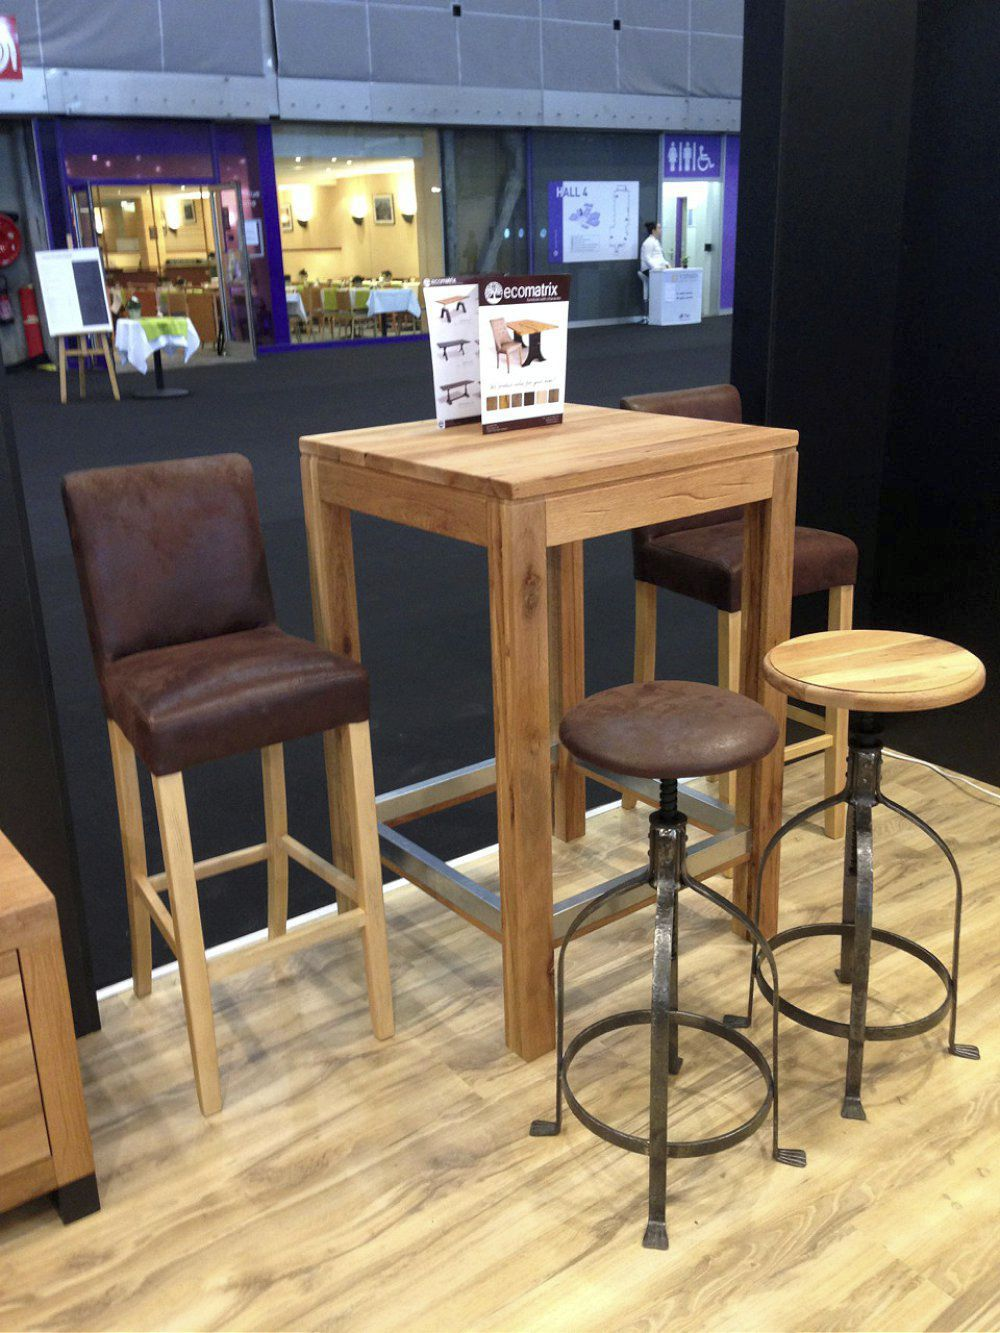 ... Industrial design bar stool / metal / upholstered PIANO SC Ecomatrix SRL ... & Industrial design bar stool / metal / upholstered - PIANO - SC ... islam-shia.org